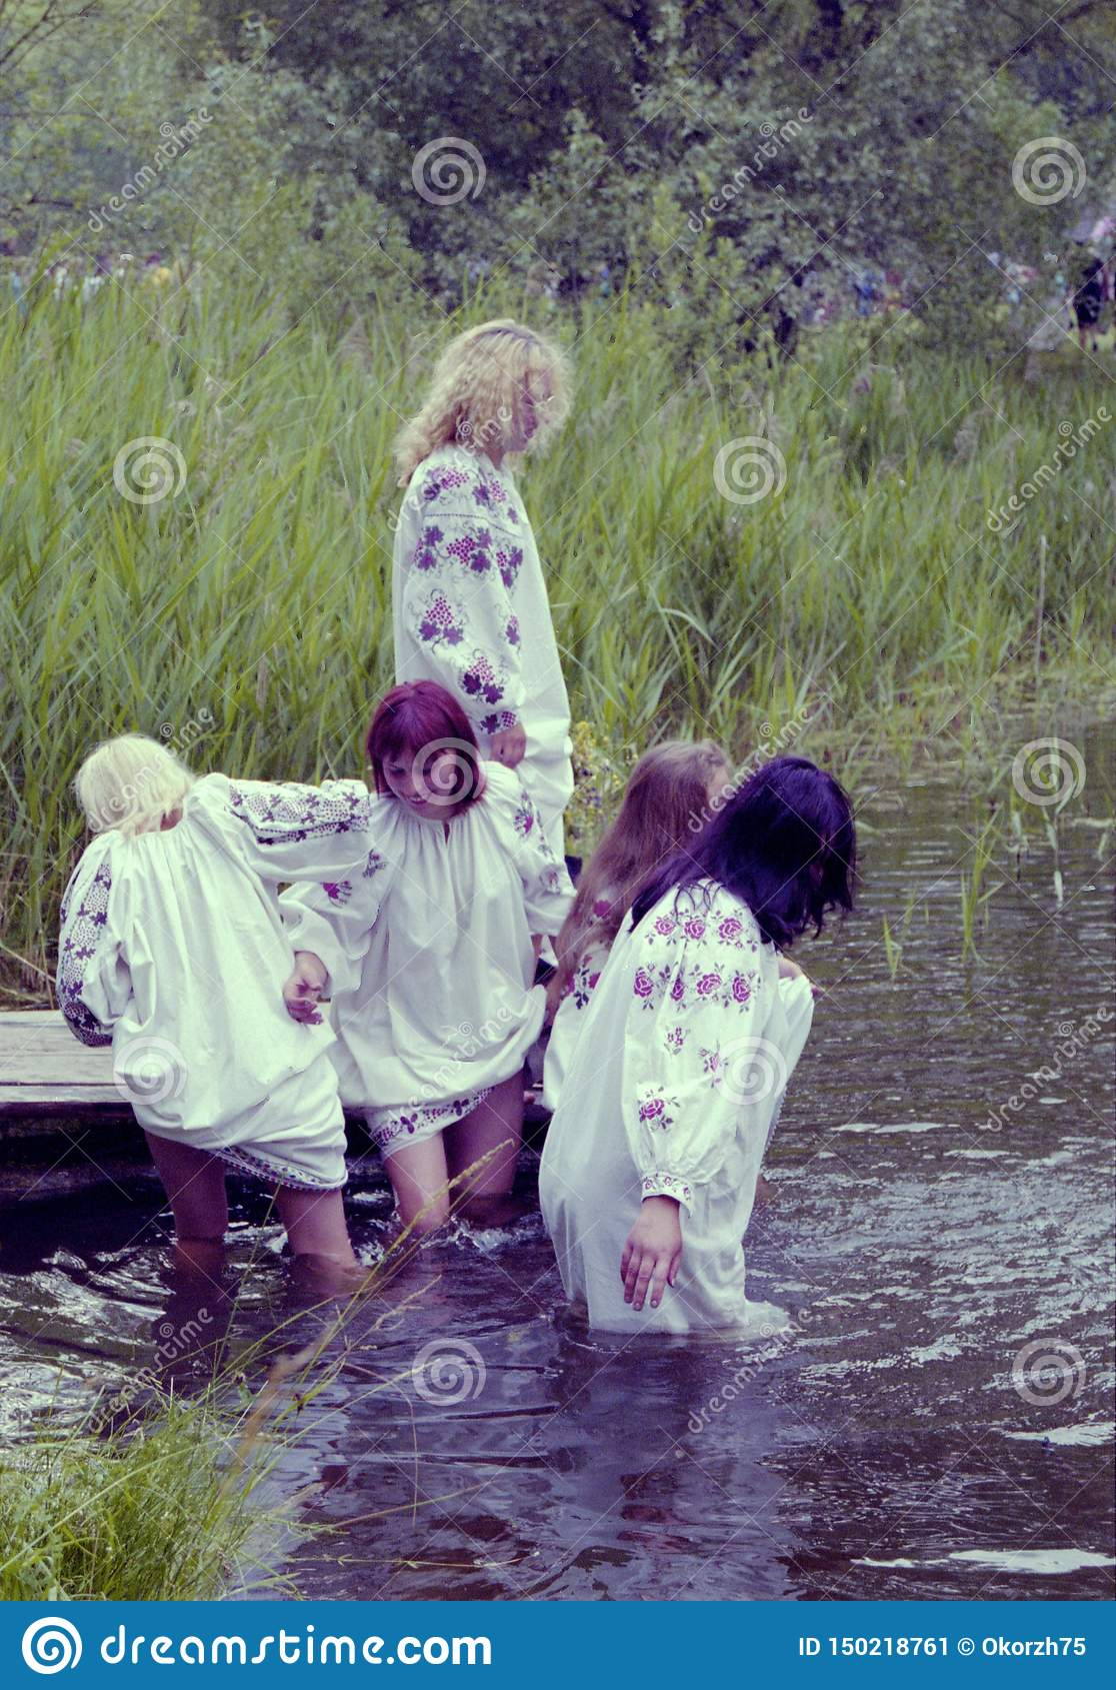 La gente celebra el día de fiesta de Ivana Kupala en la naturaleza natural